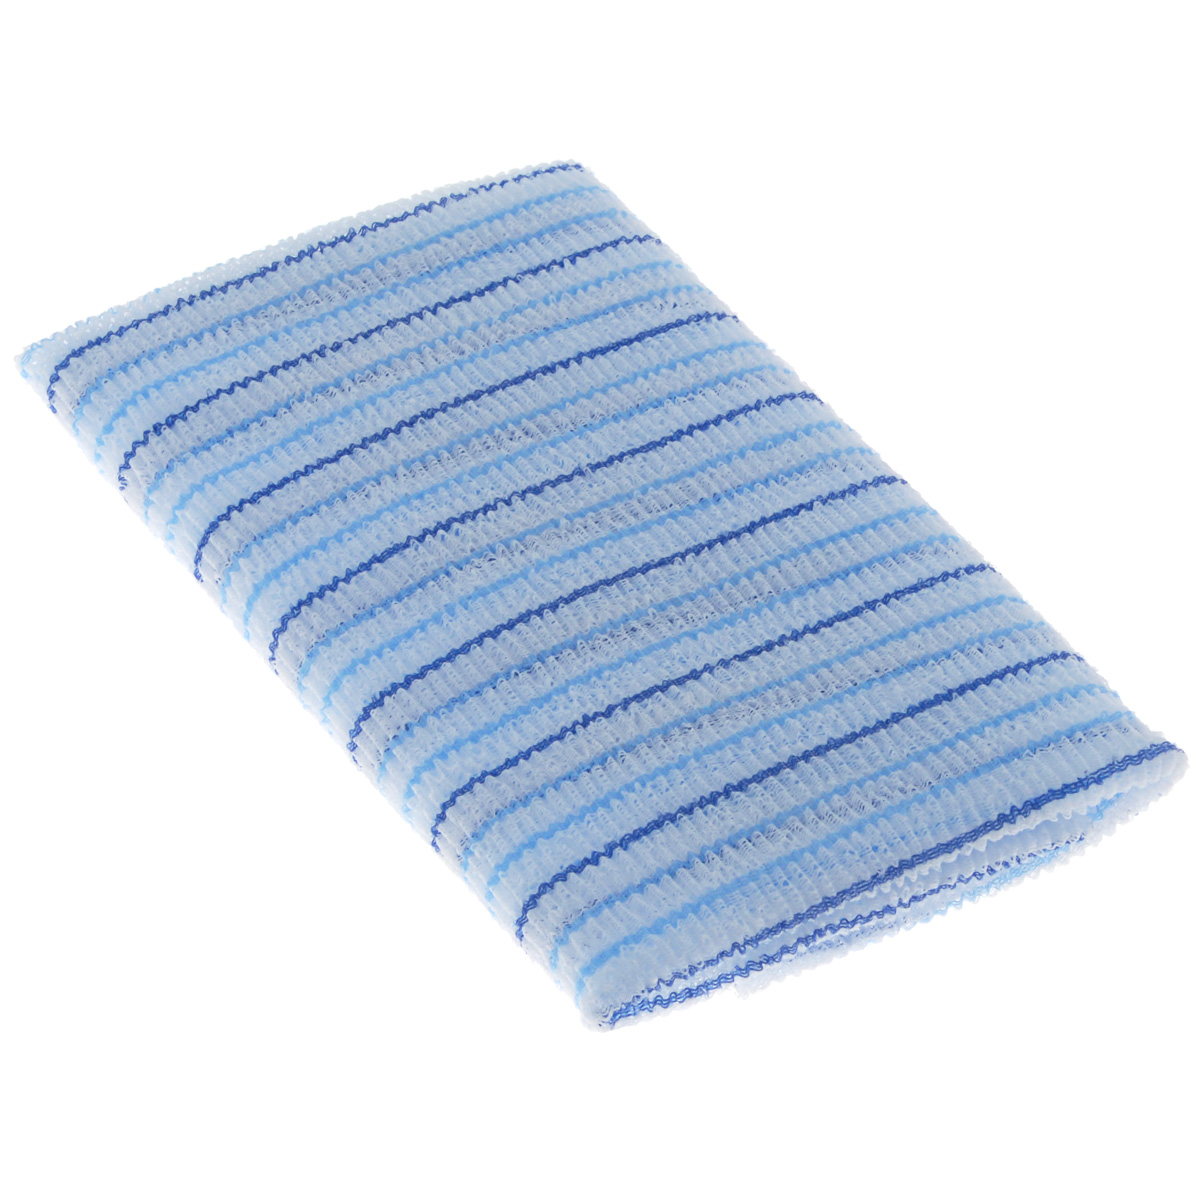 Мочалка для душа SungBo Clean&Beauty Fresh, цвет: голубой, 28 см х 100 см6Мочалка SungBo Clean&Beauty Fresh прекрасно подойдет для ухода за вашей кожей во время принятия ванны и душа. Благодаря оригинальной вязке из гофрированного волокна мочалка создает одновременно как ощущение мягкости, так и ощущение пилинга, нежно отшелушивая огрубевшую кожу. Шероховатая текстура мочалки стимулирует циркуляцию крови по всему телу и помогает сохранить здоровье и упругость кожи. Мочалка позволяет получить обильную пену, используя небольшое количество геля для душа.